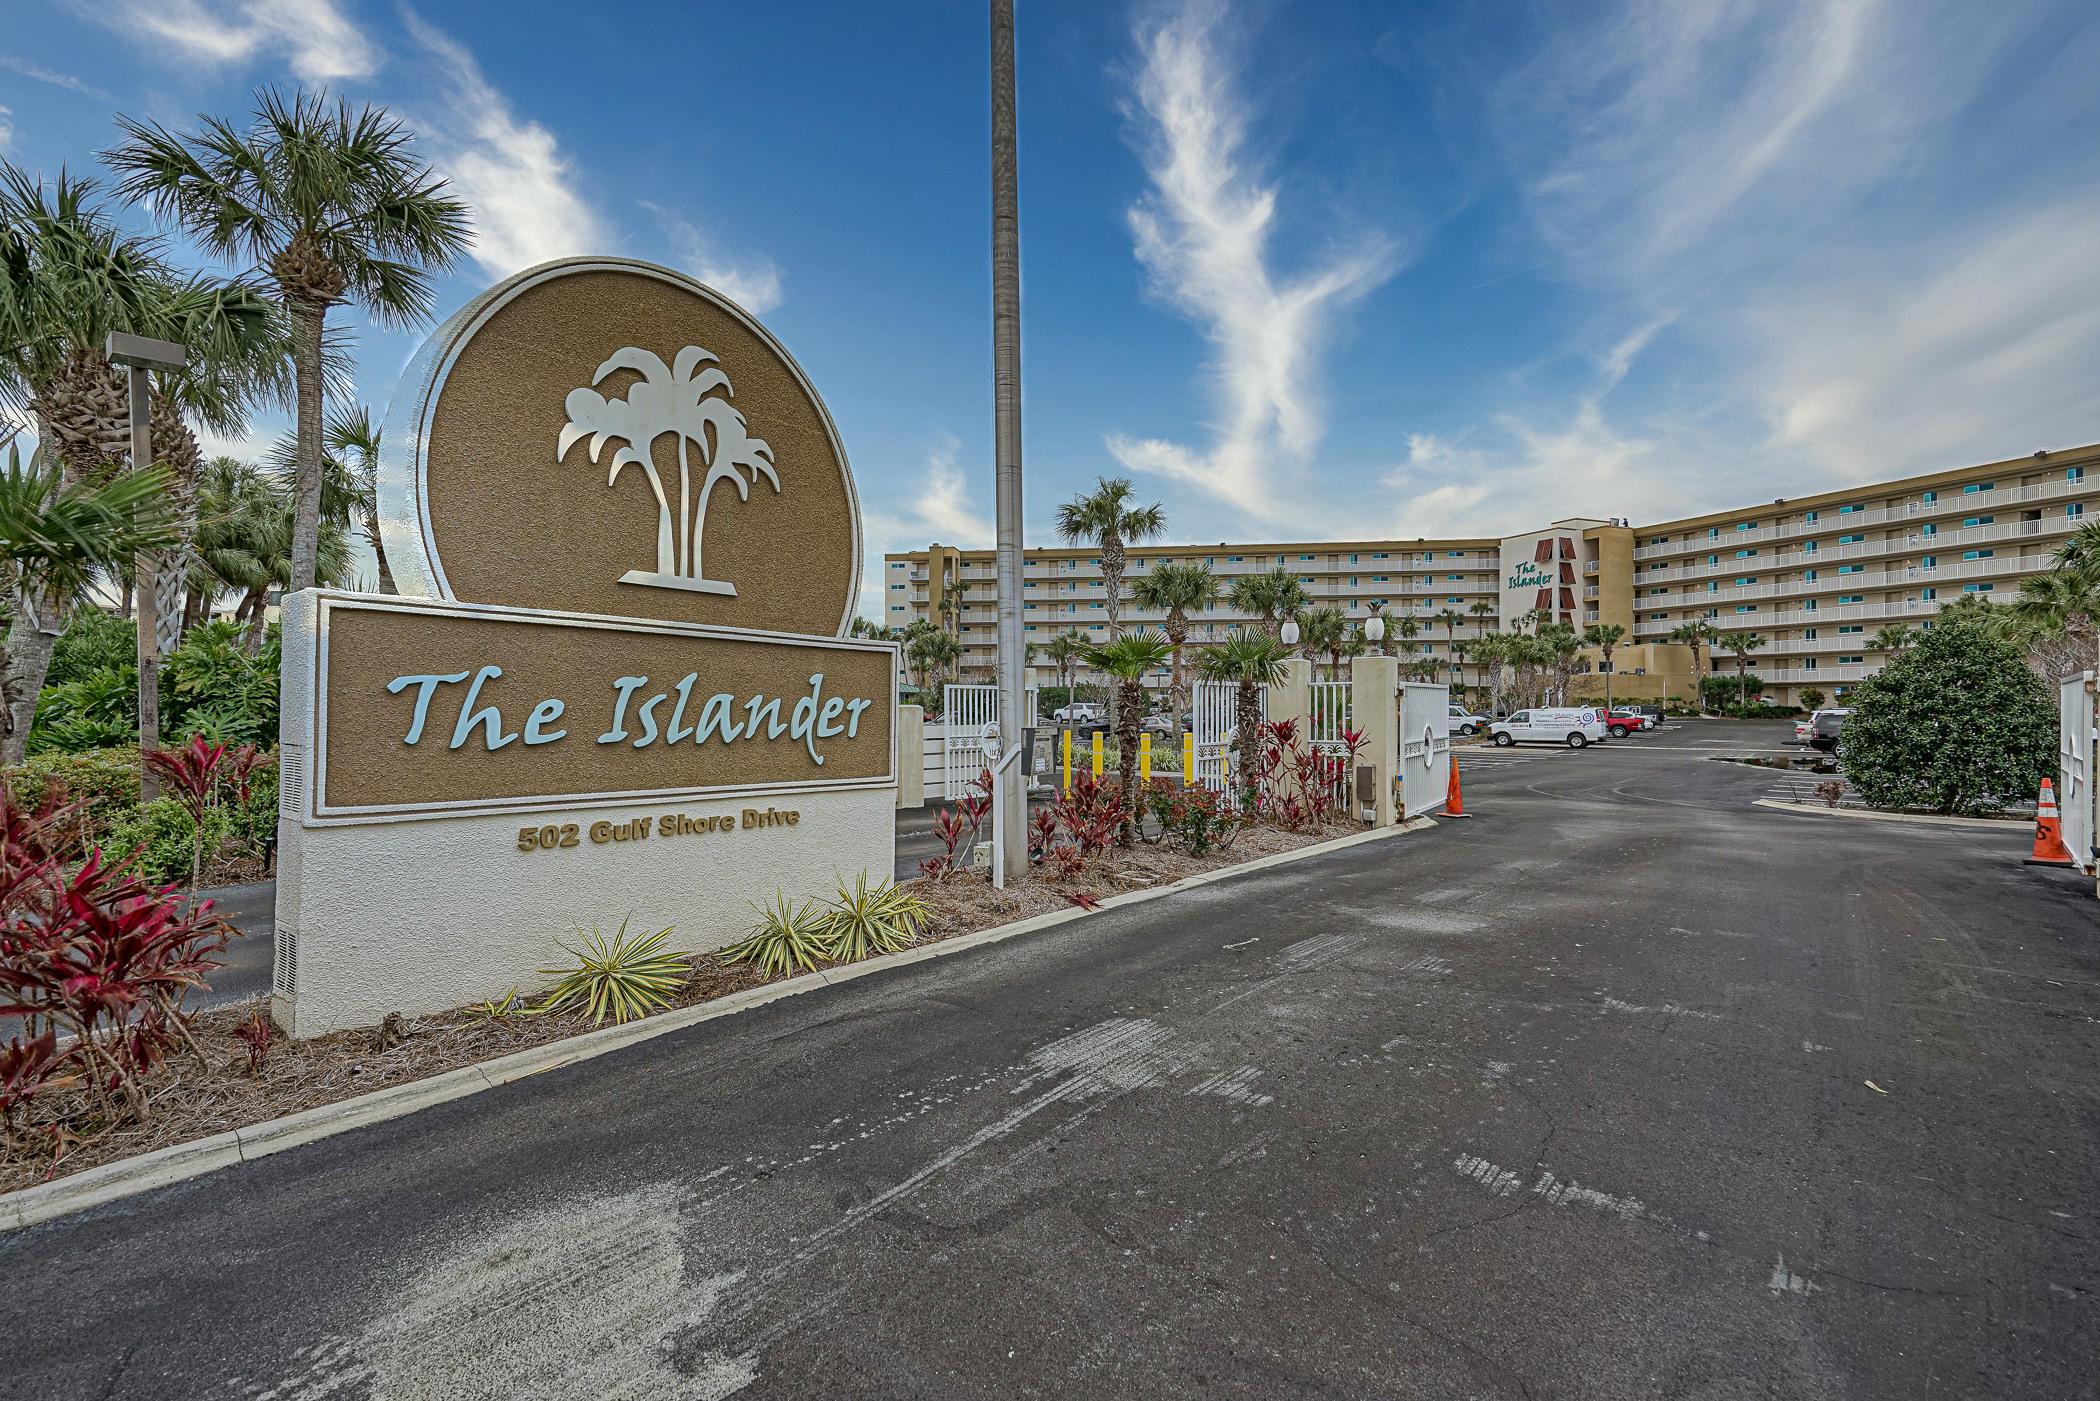 502 Gulf Shore Drive 102, Destin, FL 32541